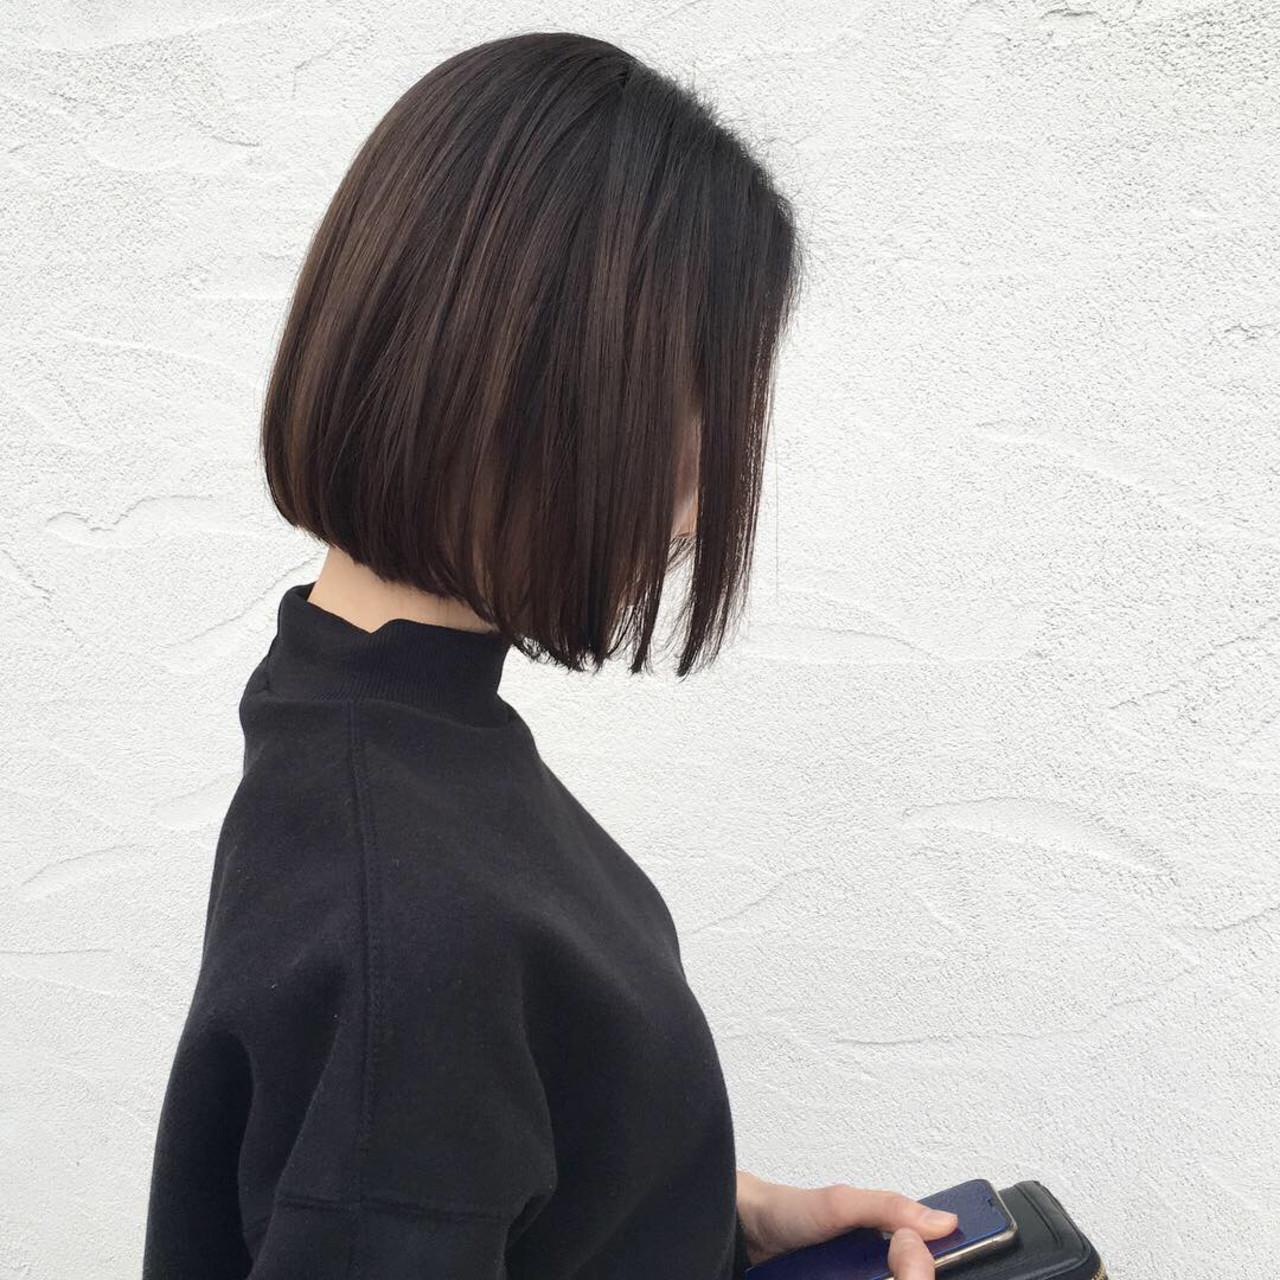 ミニボブ アッシュ ボブ ストレートヘアスタイルや髪型の写真・画像